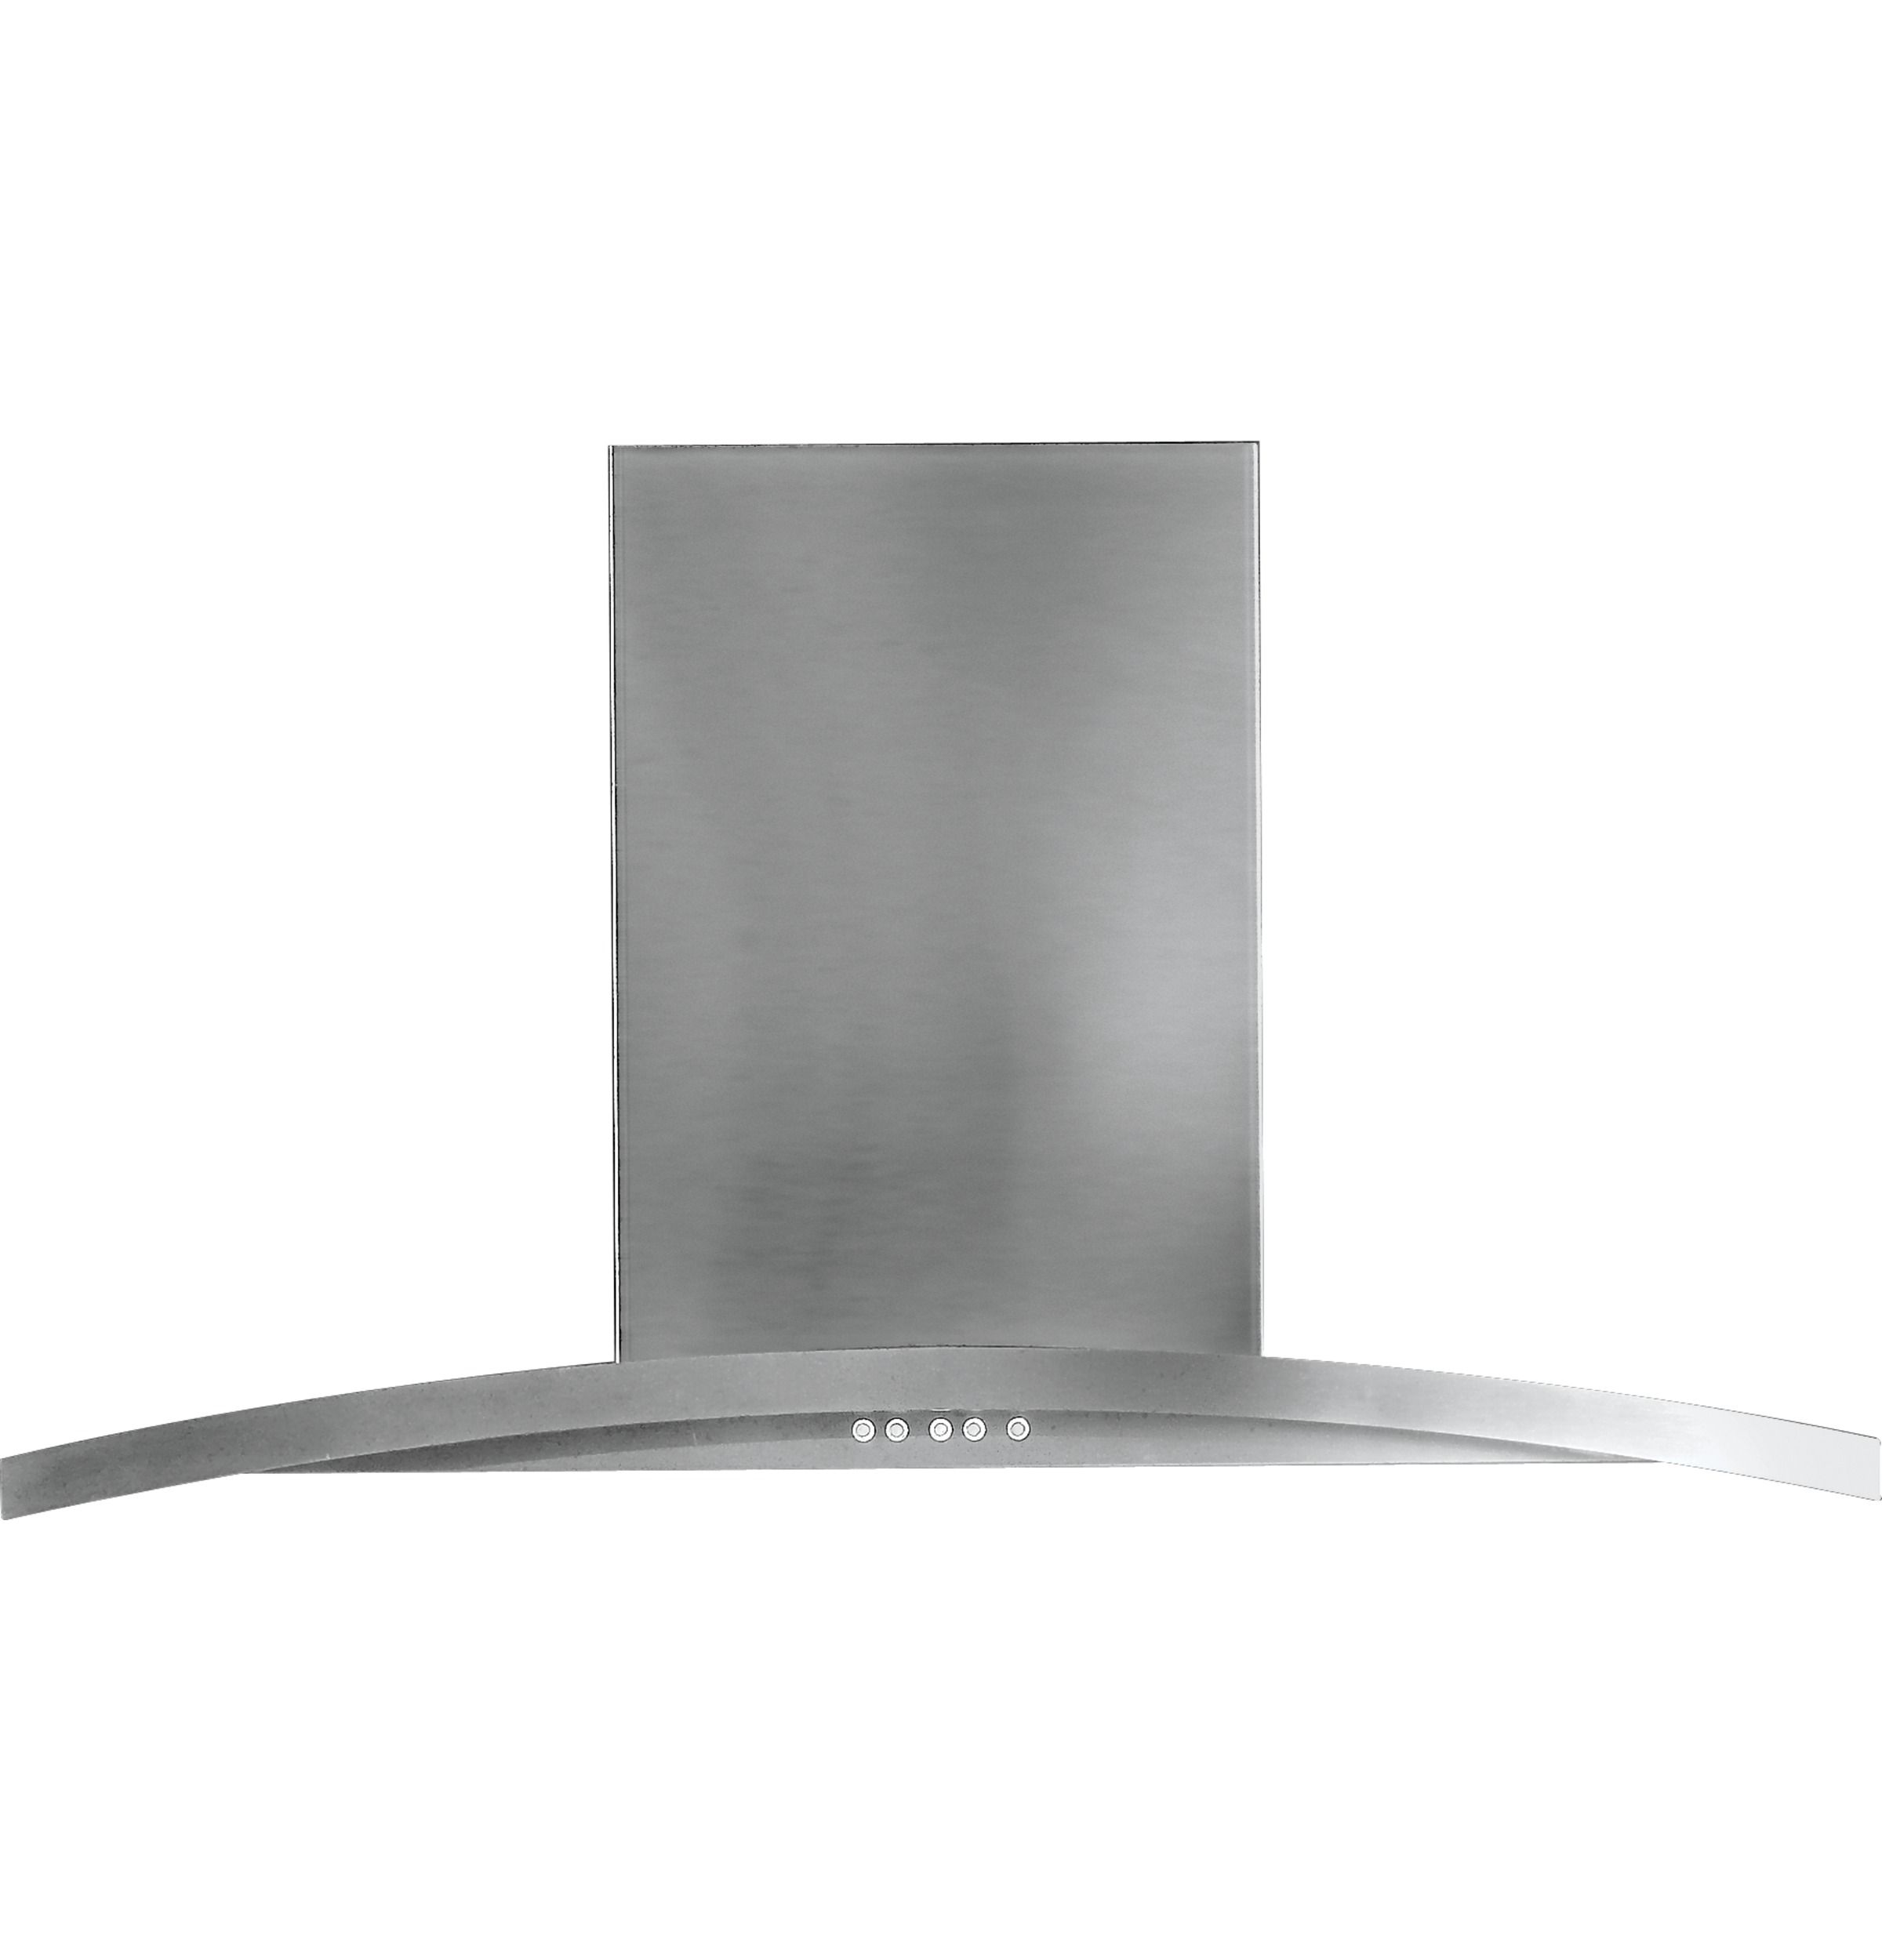 Pv976nss By Ge Ventilation Goedekers Com Stainless Range Hood Steel Wall Wall Mount Range Hood